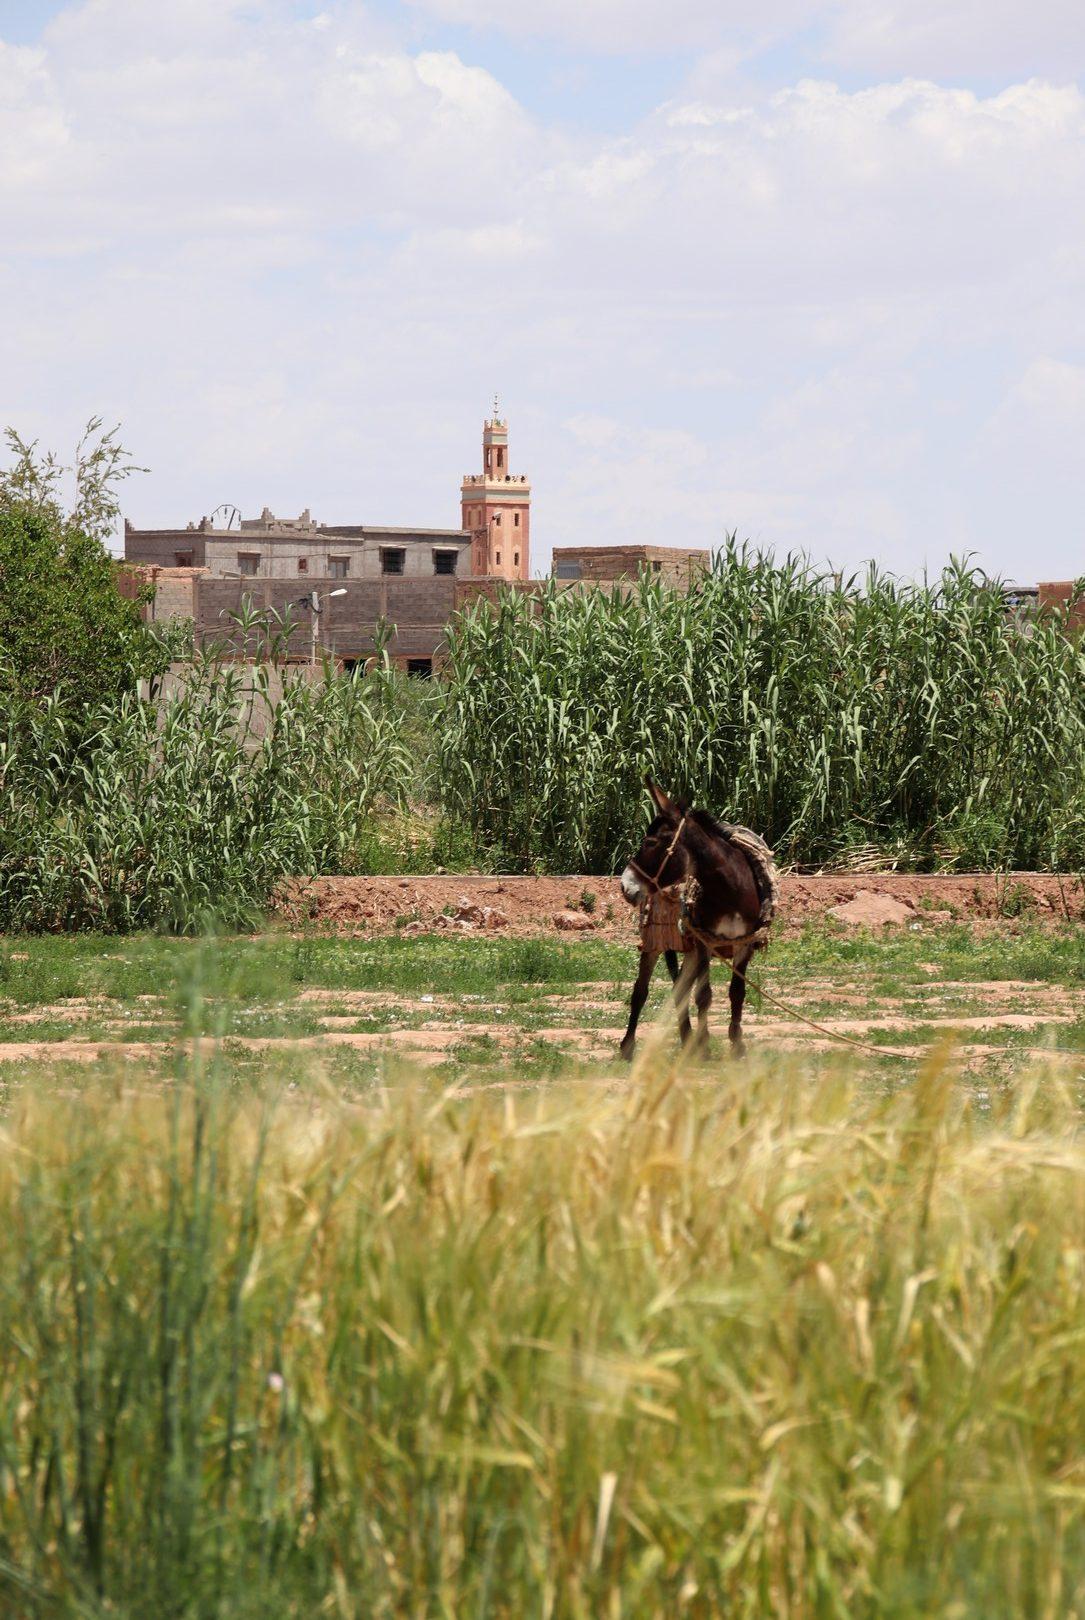 Maroc - Ane dans un champ, aperçu pendant notre balade en quad entre Ait Ben Haddou et Ouarzazate